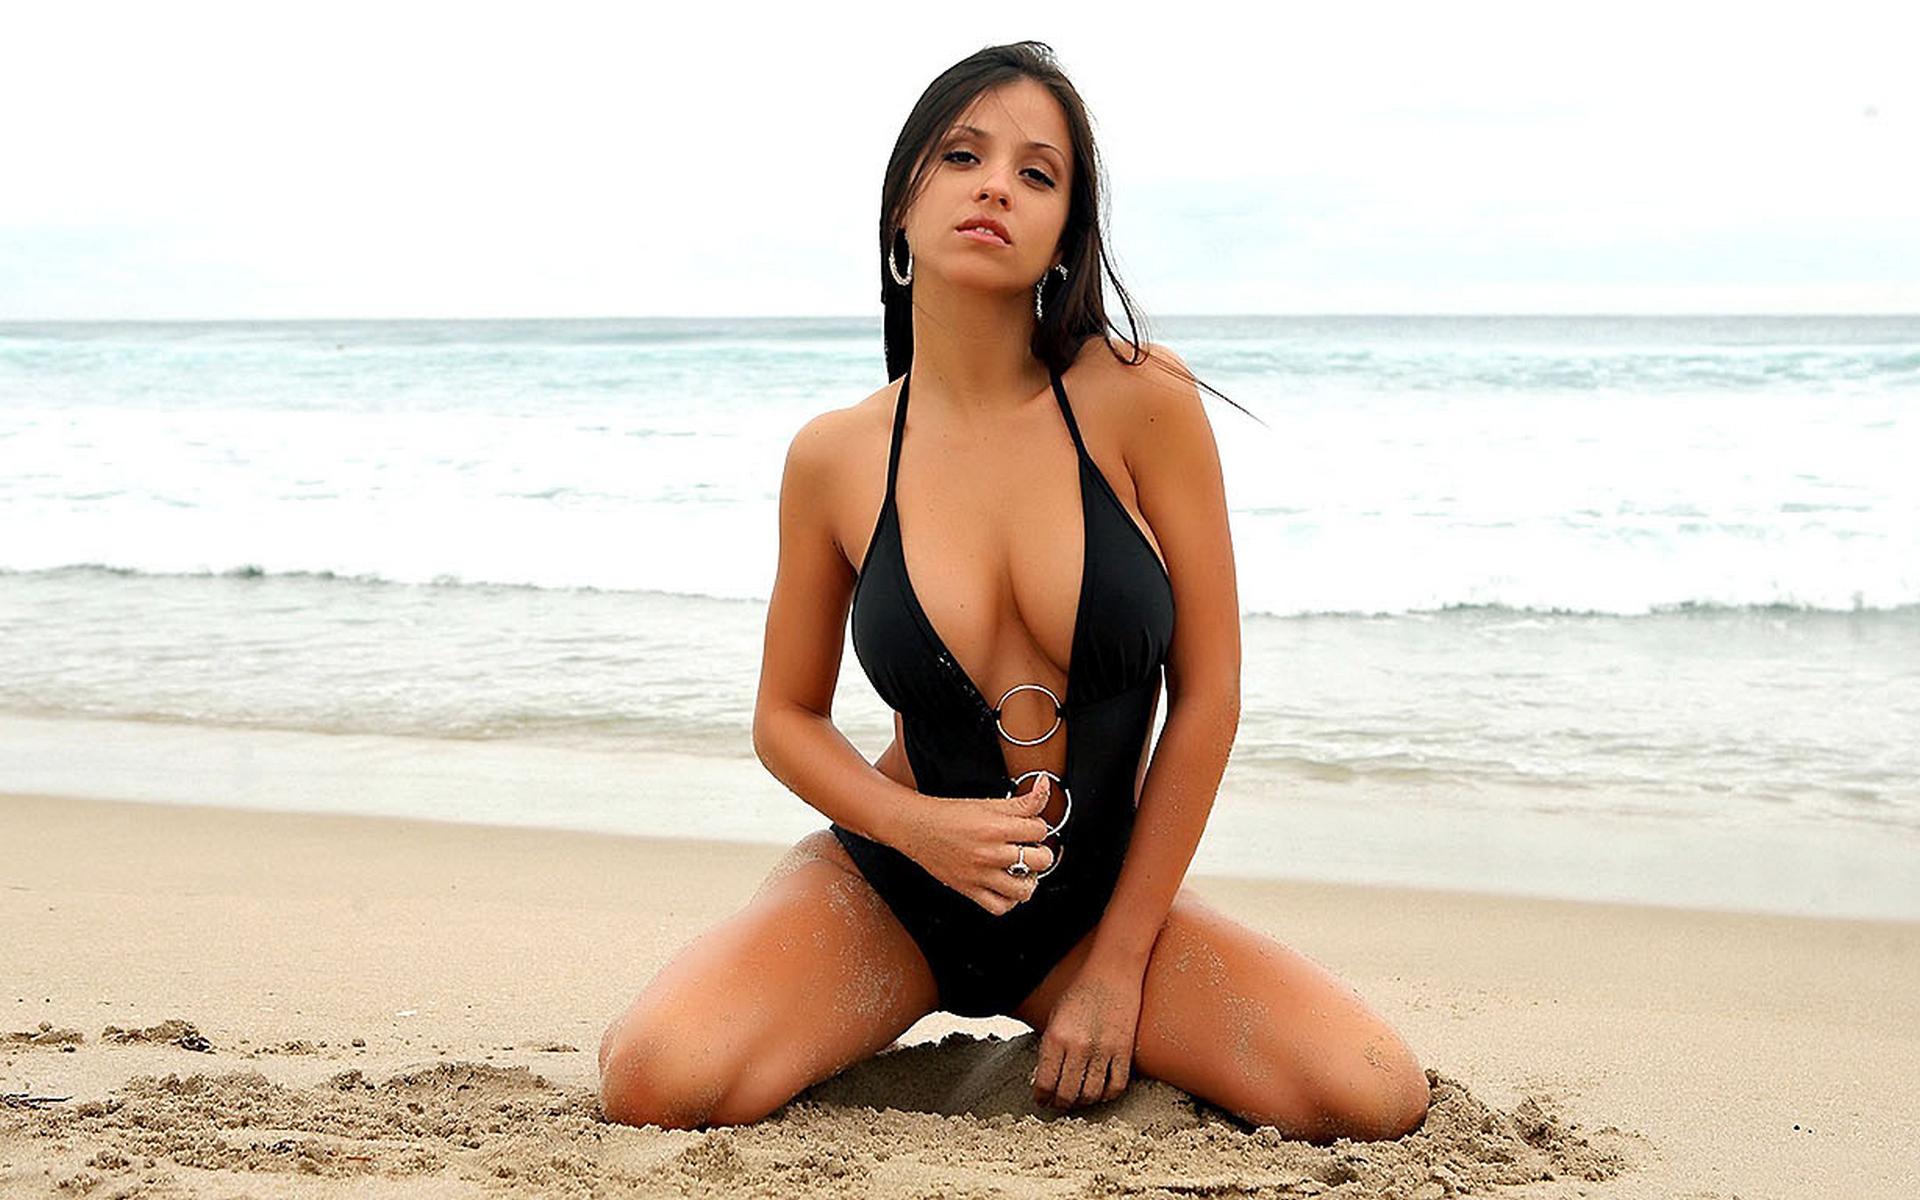 Красивые фото девушек брюнеток на пляже